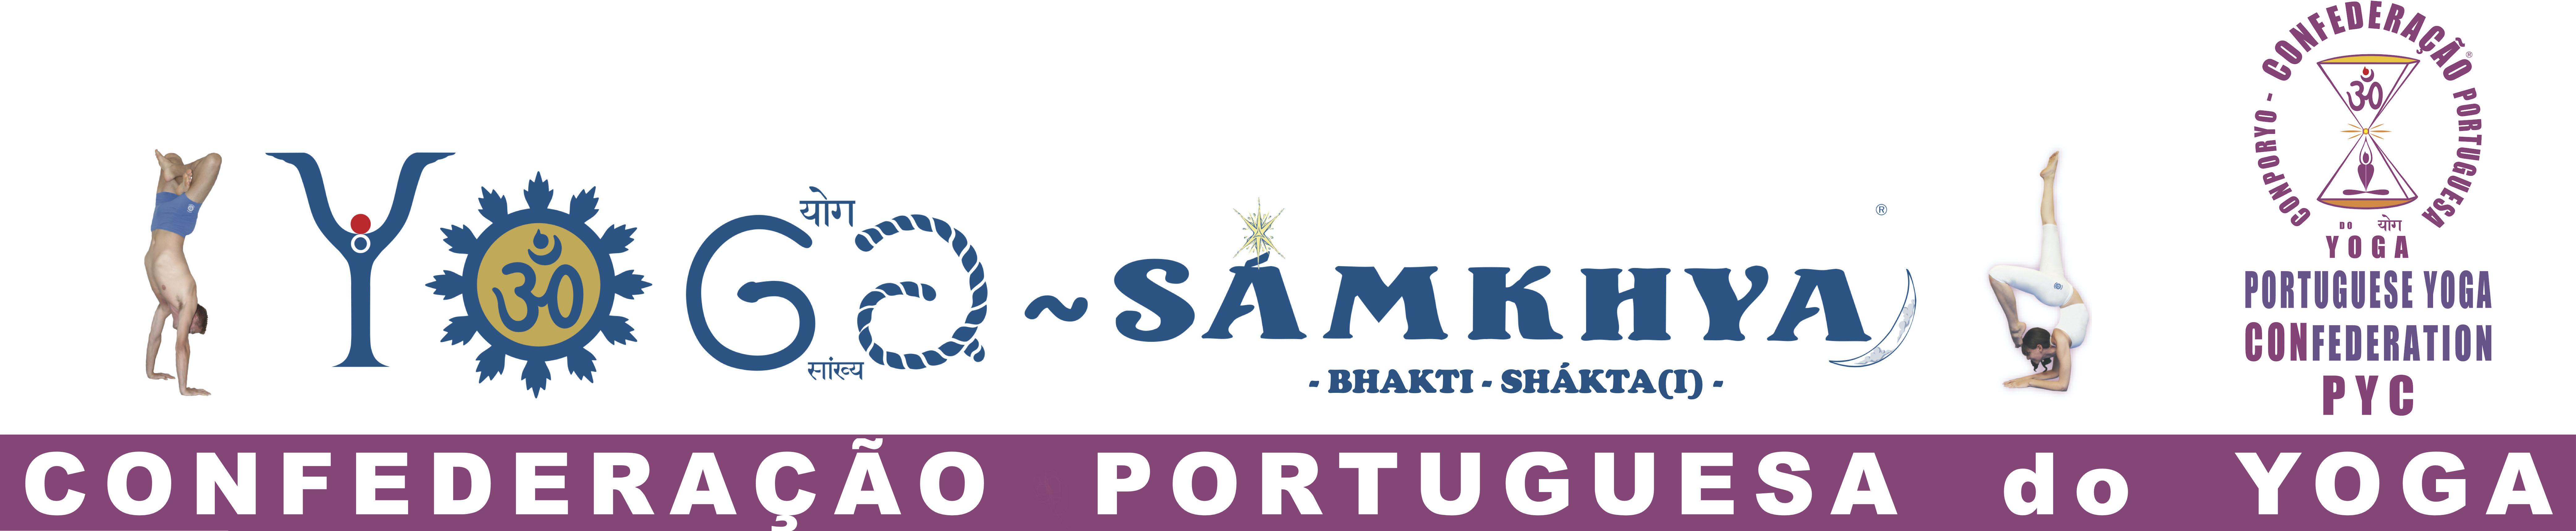 Confederação Portuguesa do Yoga